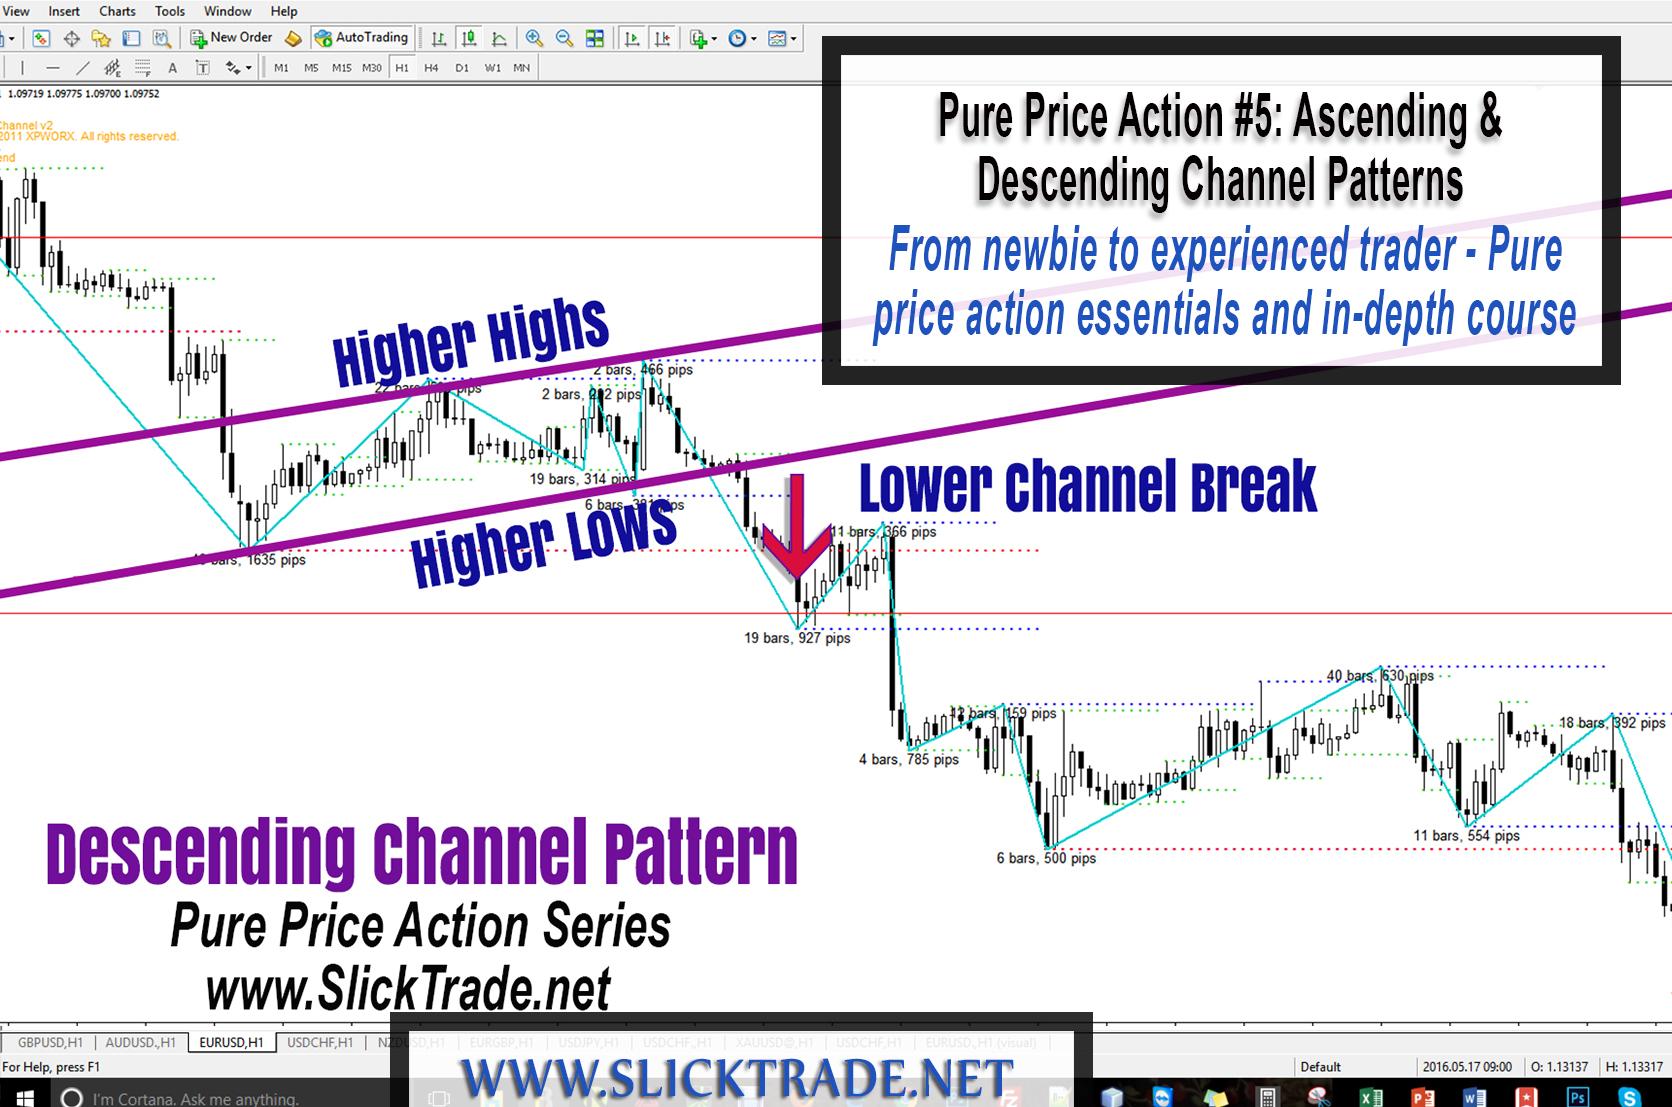 обучение елены калашниковой профиль рынка price action nкурсы шевелева трейдинг